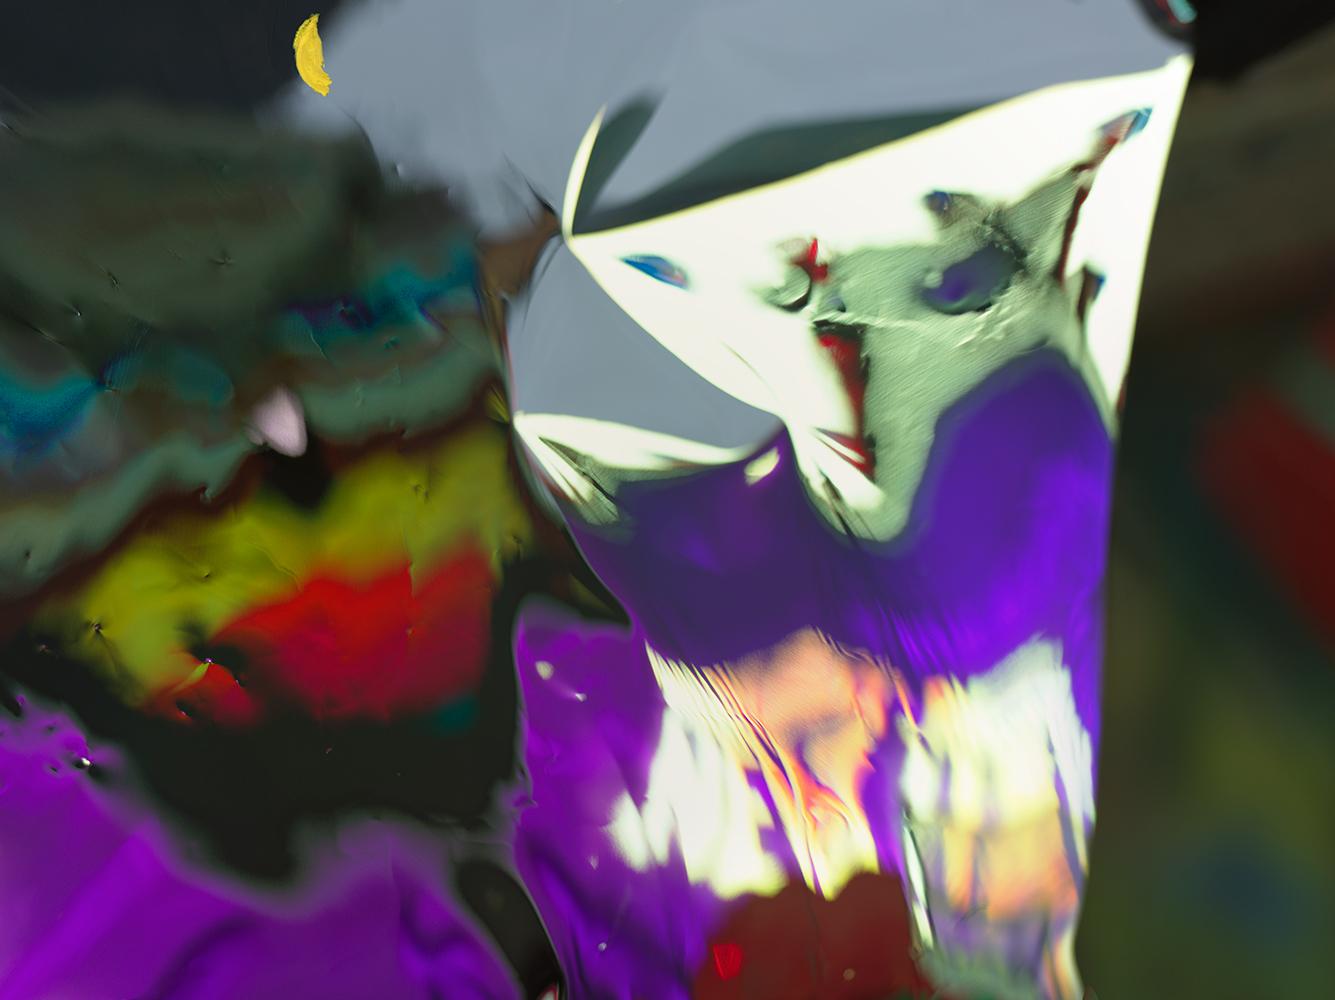 Elias Wessel  Hinter den Dingen 10 , 2017  Color Photograph  Original: 180 x 240.3 cm